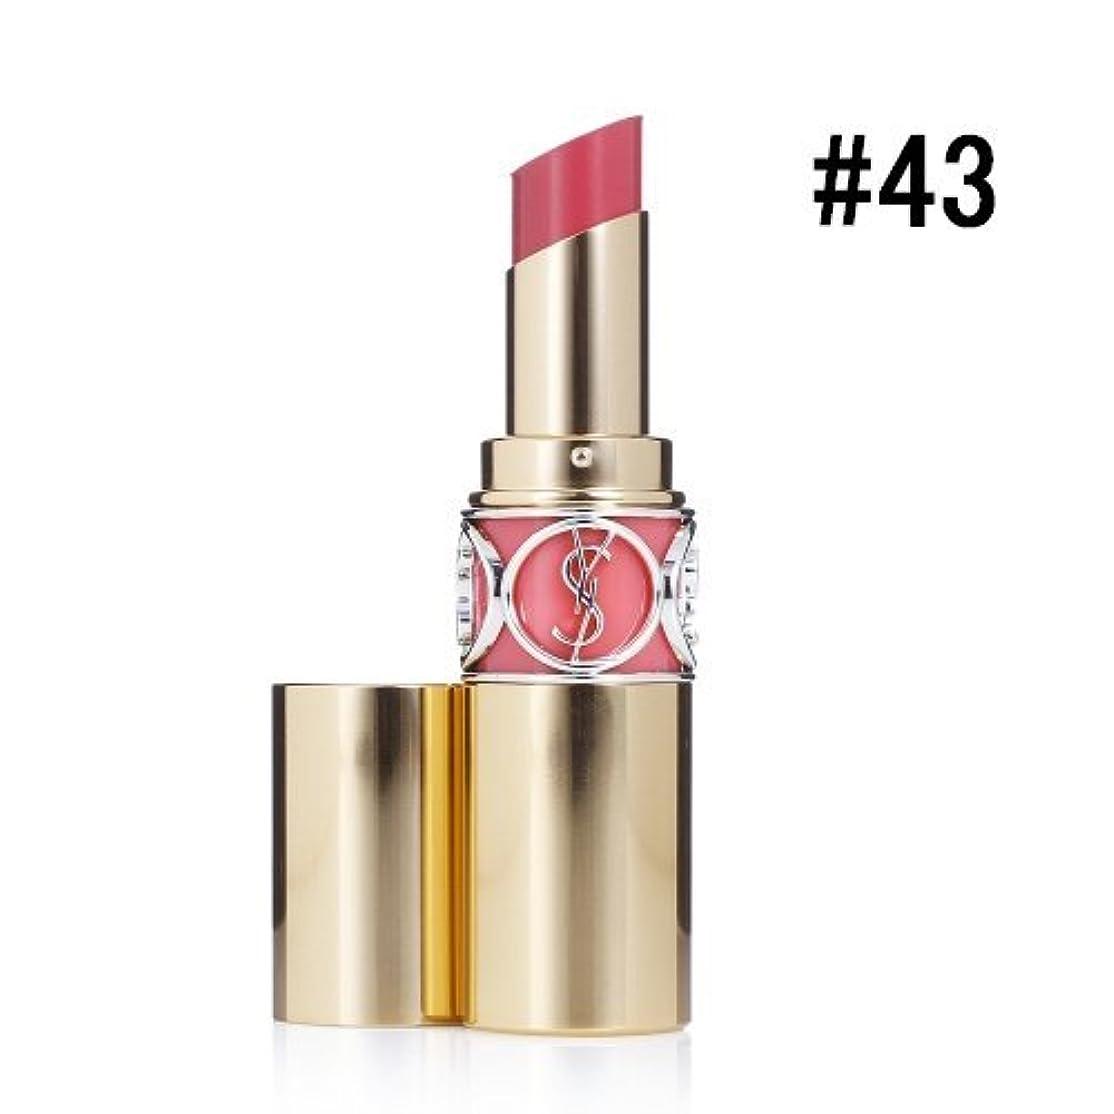 切り下げハーネスケーブルカーイヴサンローラン(Yves Saint Laurent) ルージュ ヴォリュプテ シャイン #43 ROSE RIVE GAUCHE 4.5g [並行輸入品]